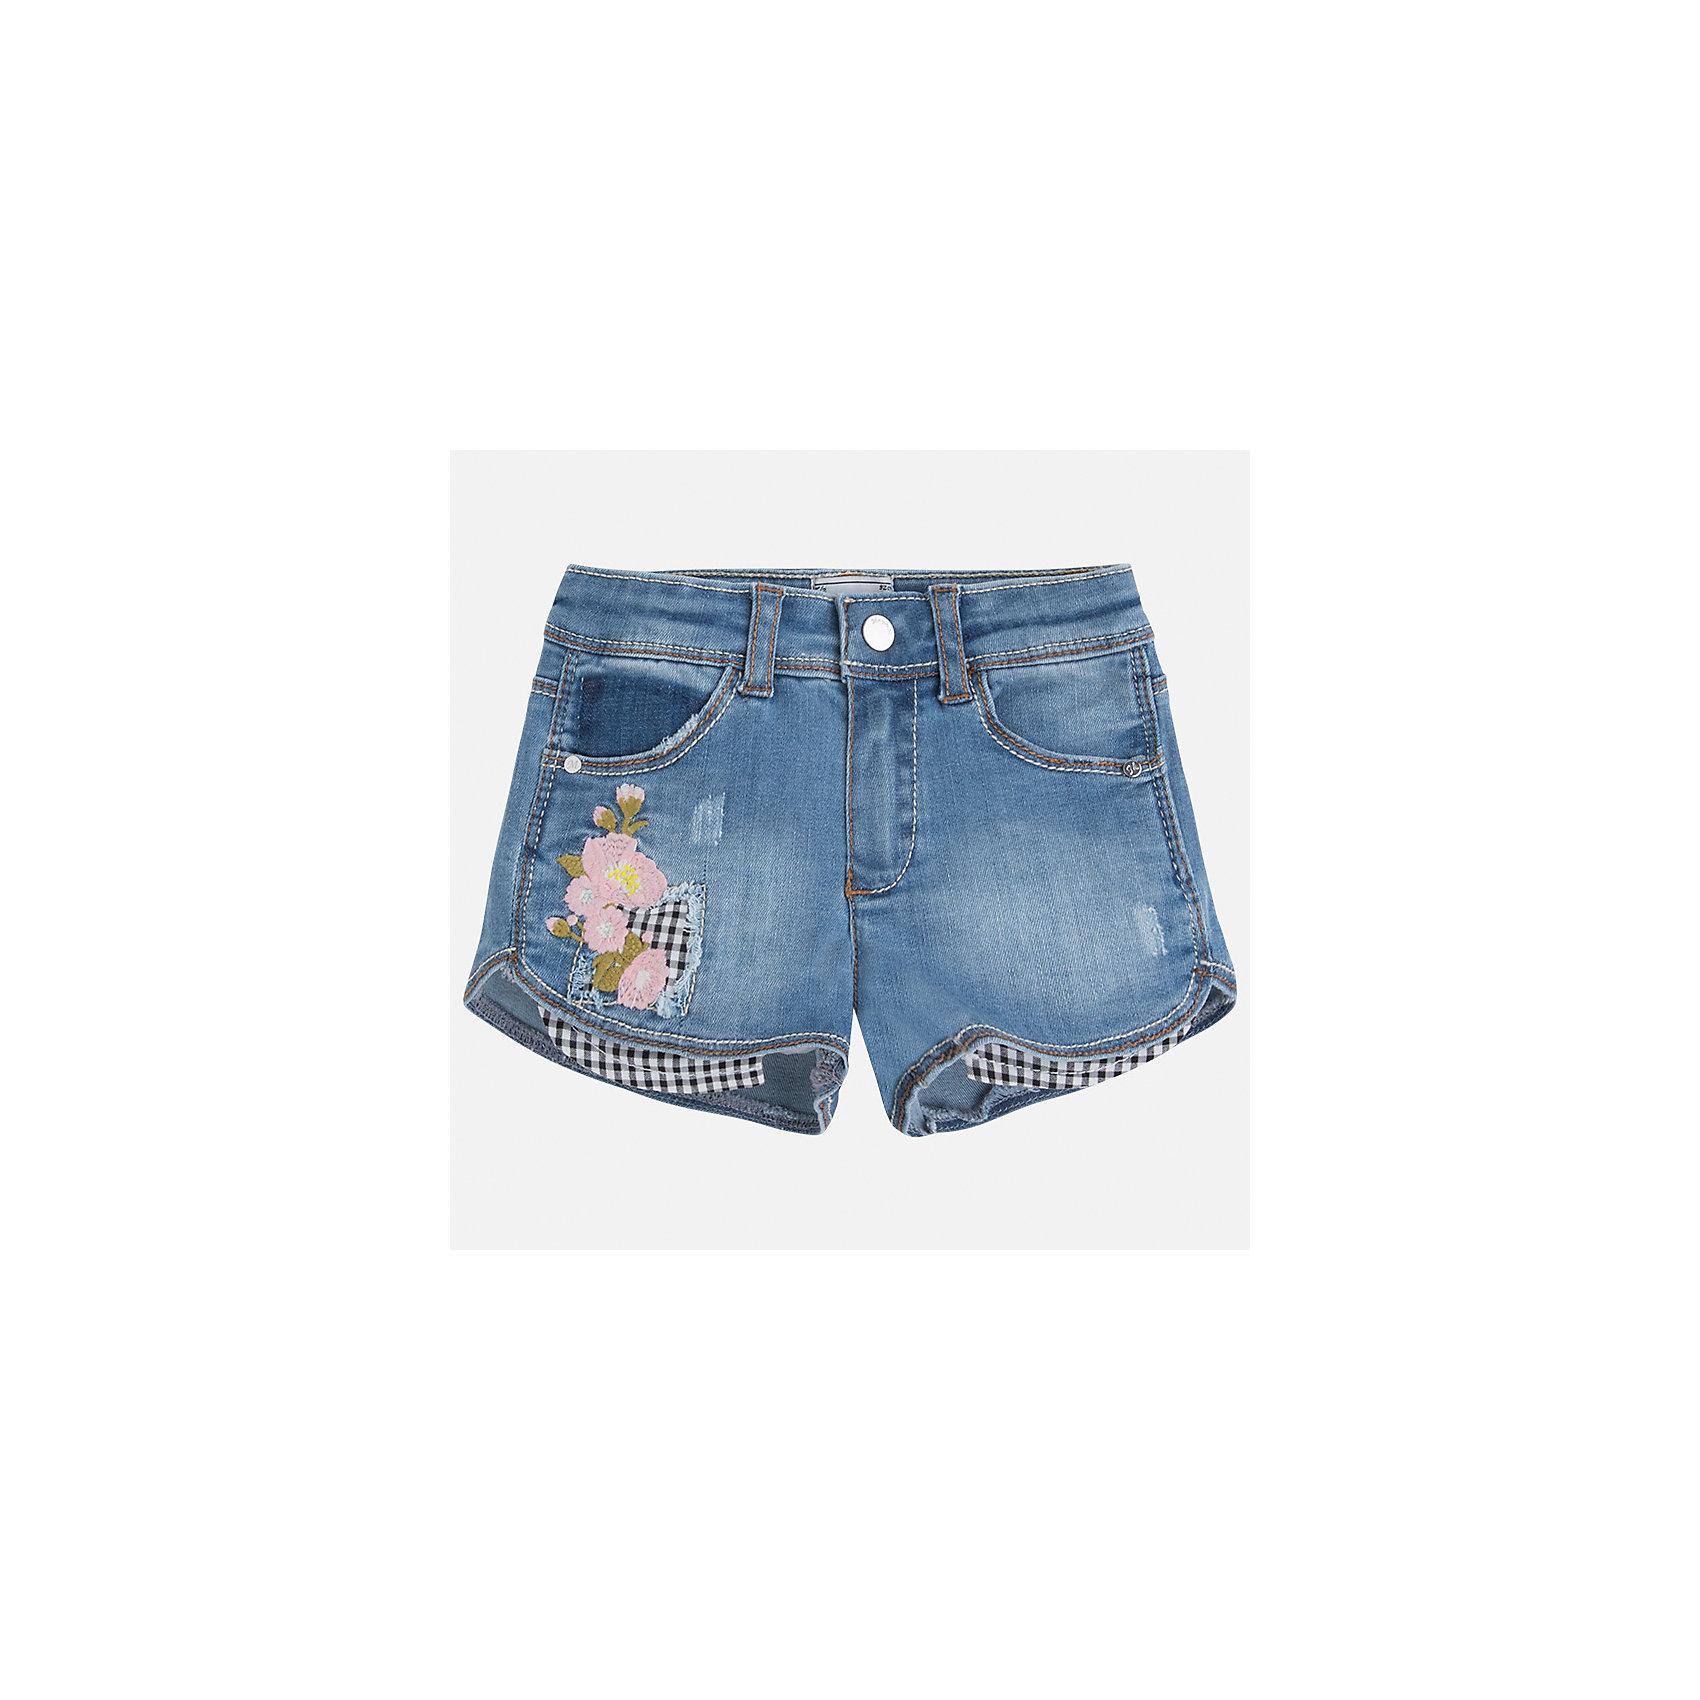 Шорты джинсовые для девочки MayoralШорты, бриджи, капри<br>Характеристики товара:<br><br>• цвет: синий<br>• состав: 100% хлопок<br>• ткань с принтом<br>• пояс на резинке<br>• декоративная складка на штанинах<br>• страна бренда: Испания<br><br>Модные легкие шорты для девочки смогут разнообразить гардероб ребенка и украсить наряд. Они отлично сочетаются с майками, футболками, блузками. Красивый оттенок позволяет подобрать к вещи верх разных расцветок. Интересный крой модели делает её нарядной и оригинальной. В составе материала - только натуральный хлопок, гипоаллергенный, приятный на ощупь, дышащий.<br>Одежда, обувь и аксессуары от испанского бренда Mayoral полюбились детям и взрослым по всему миру. Модели этой марки - стильные и удобные. Для их производства используются только безопасные, качественные материалы и фурнитура. Порадуйте ребенка модными и красивыми вещами от Mayoral! <br><br>Шорты джинсовые для девочки от испанского бренда Mayoral (Майорал) можно купить в нашем интернет-магазине.<br><br>Ширина мм: 191<br>Глубина мм: 10<br>Высота мм: 175<br>Вес г: 273<br>Цвет: синий<br>Возраст от месяцев: 60<br>Возраст до месяцев: 72<br>Пол: Женский<br>Возраст: Детский<br>Размер: 116,122,128,134,92,98,104,110<br>SKU: 5289771